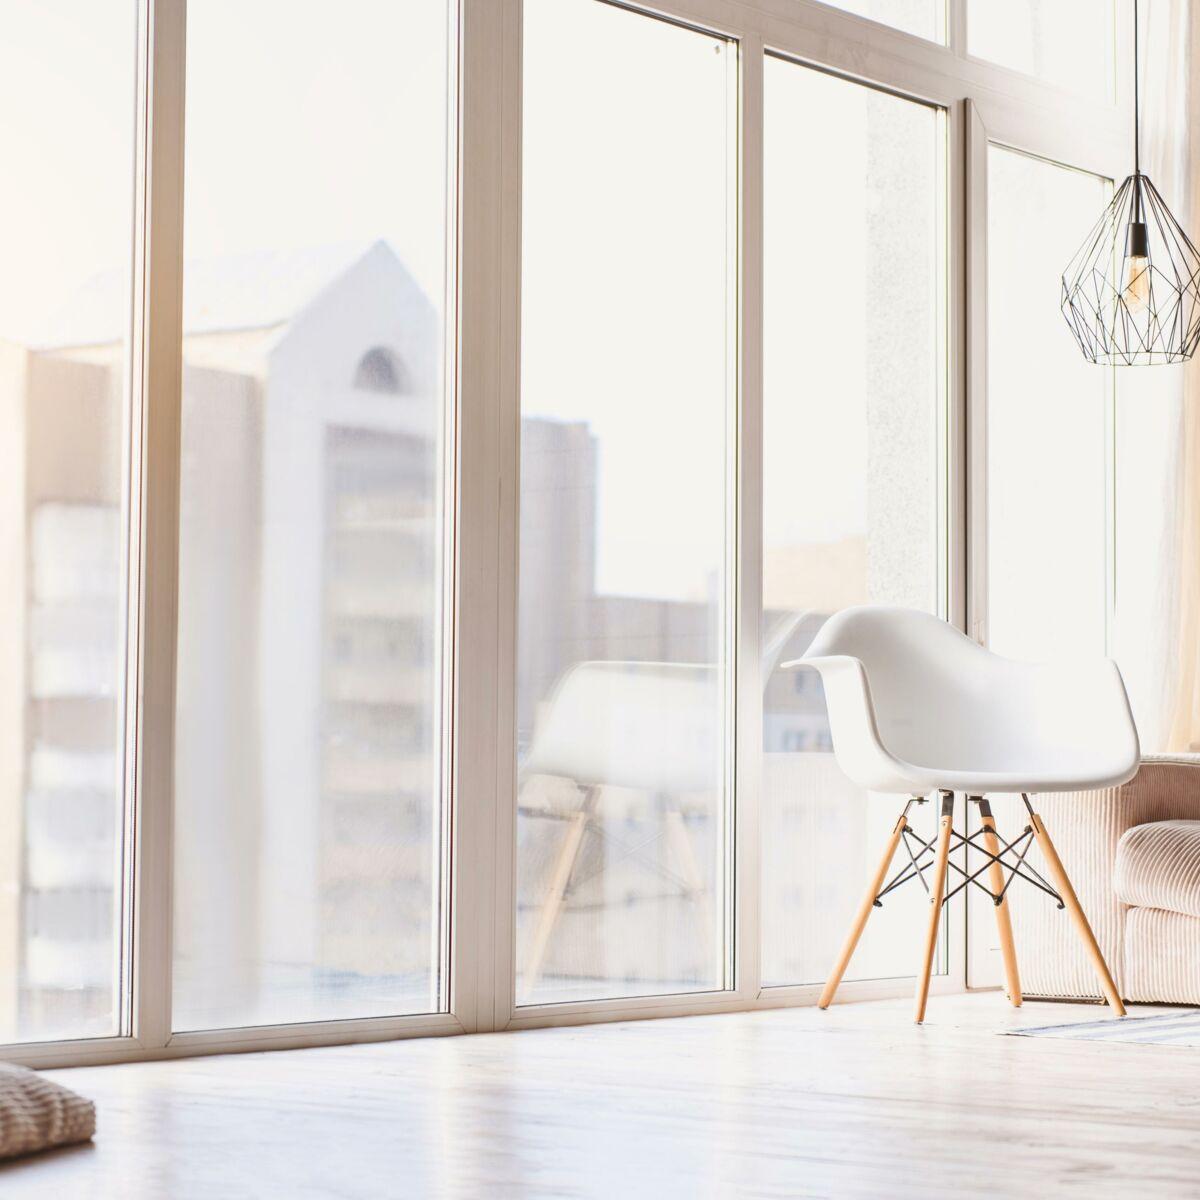 Comment Décorer Son Appartement Pas Cher les bonnes idées pour décorer son appart quand on est